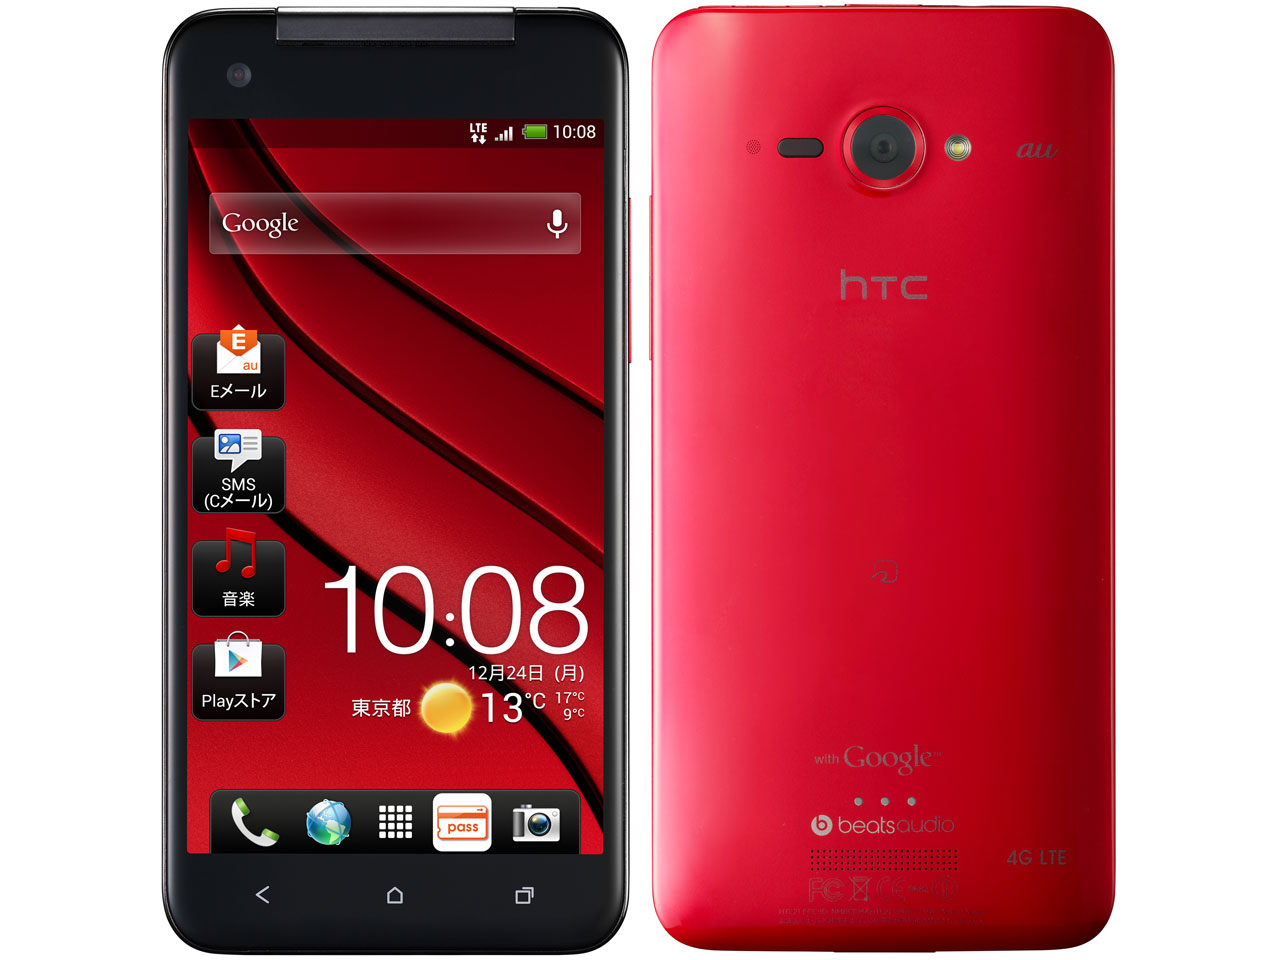 HTC J butterfly HTL21 au [レッド] の製品画像